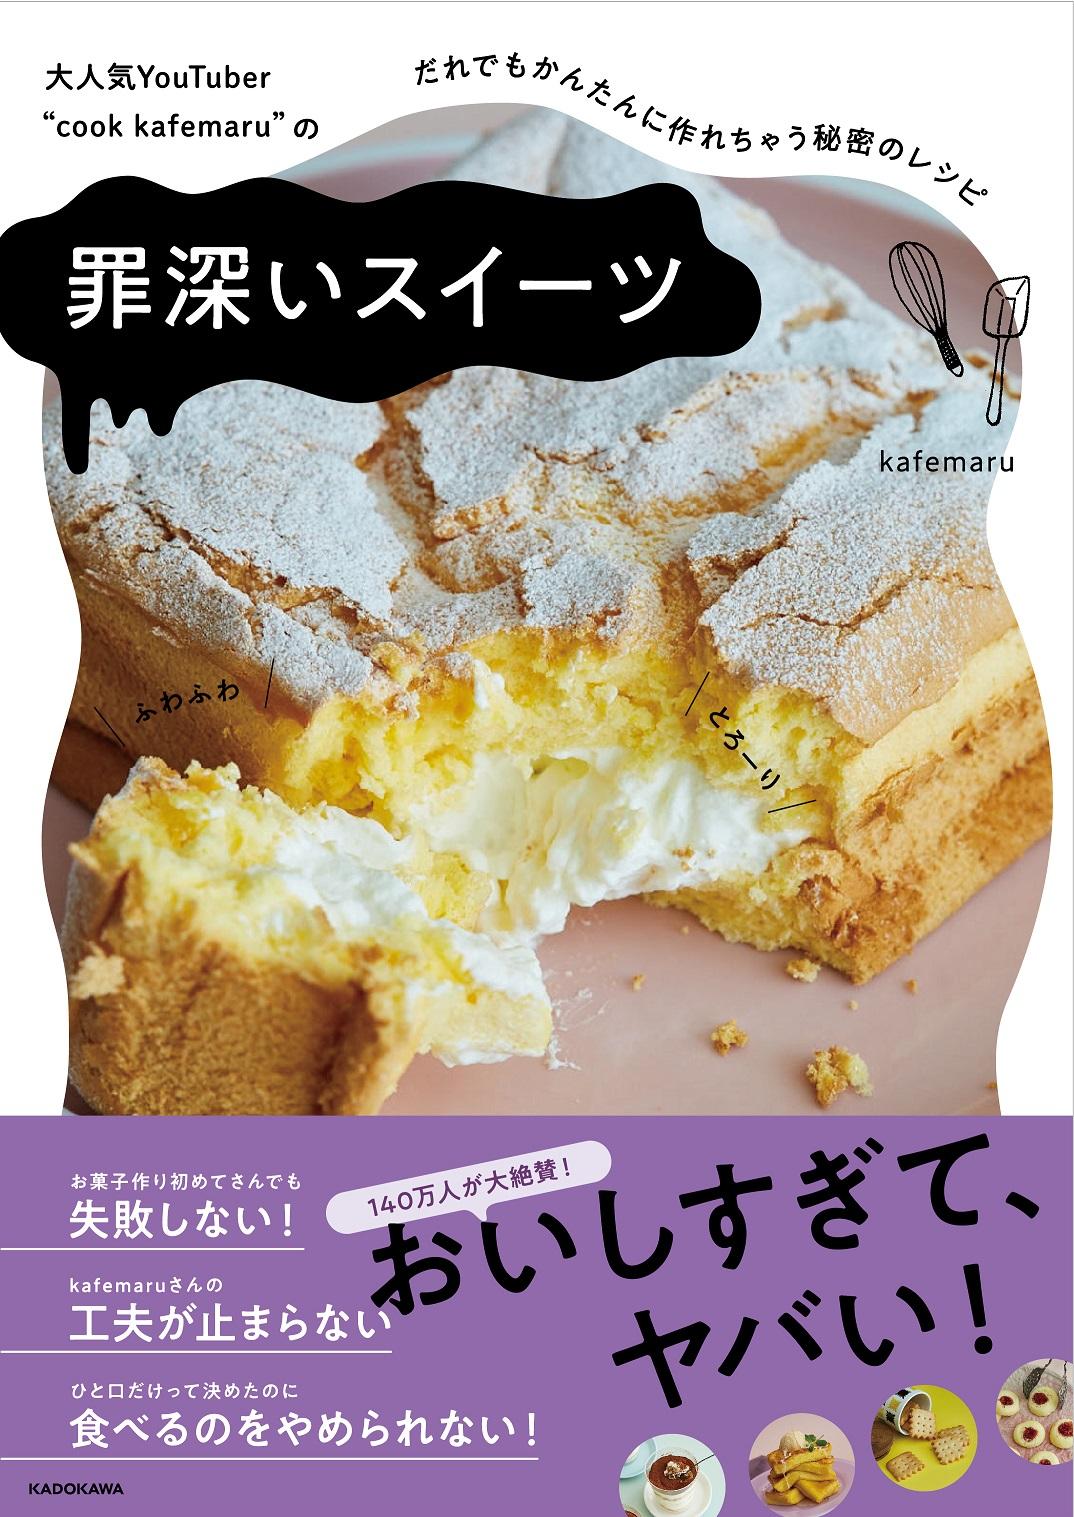 """大人気YouTuber """"cook kafemaru""""の 罪深いスイーツ だれでもかんたんに作れちゃう秘密のレシピ"""